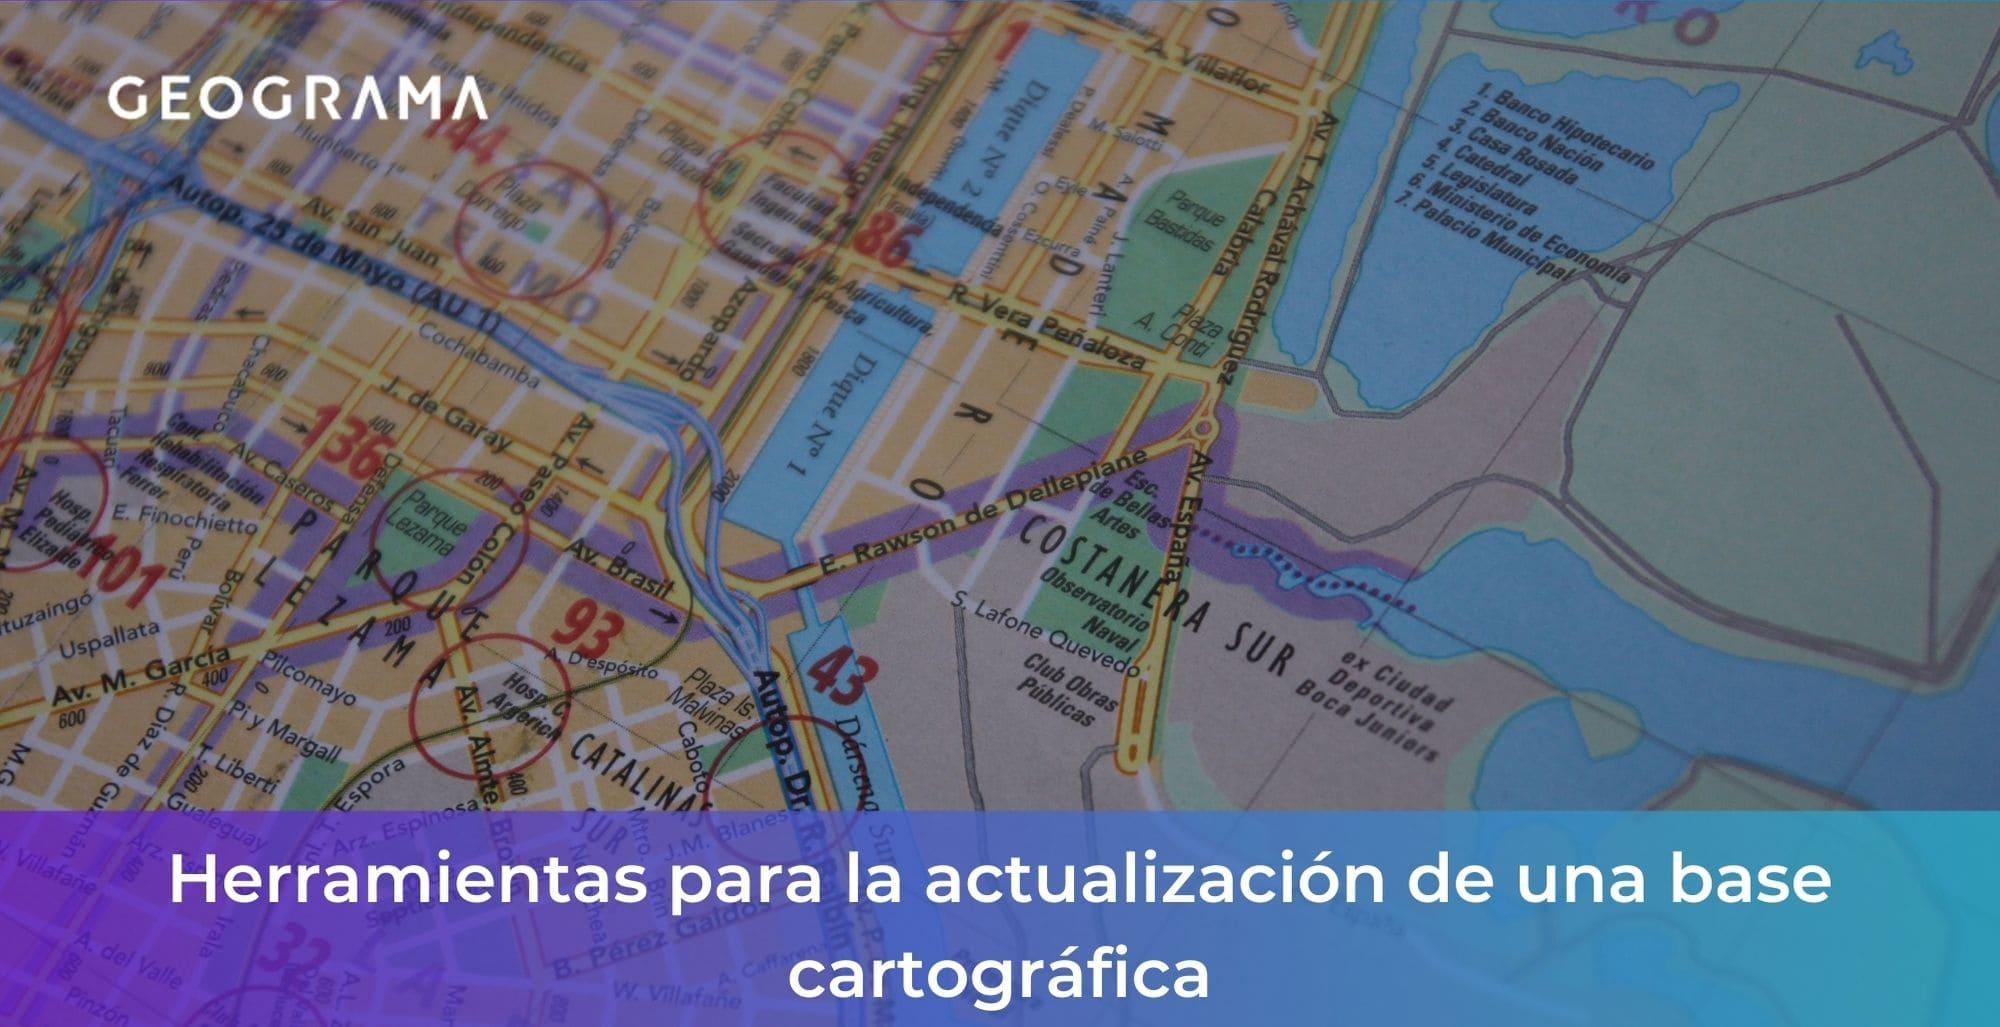 GEOGRAMA - Herramientas para la actualización de una base cartográfica